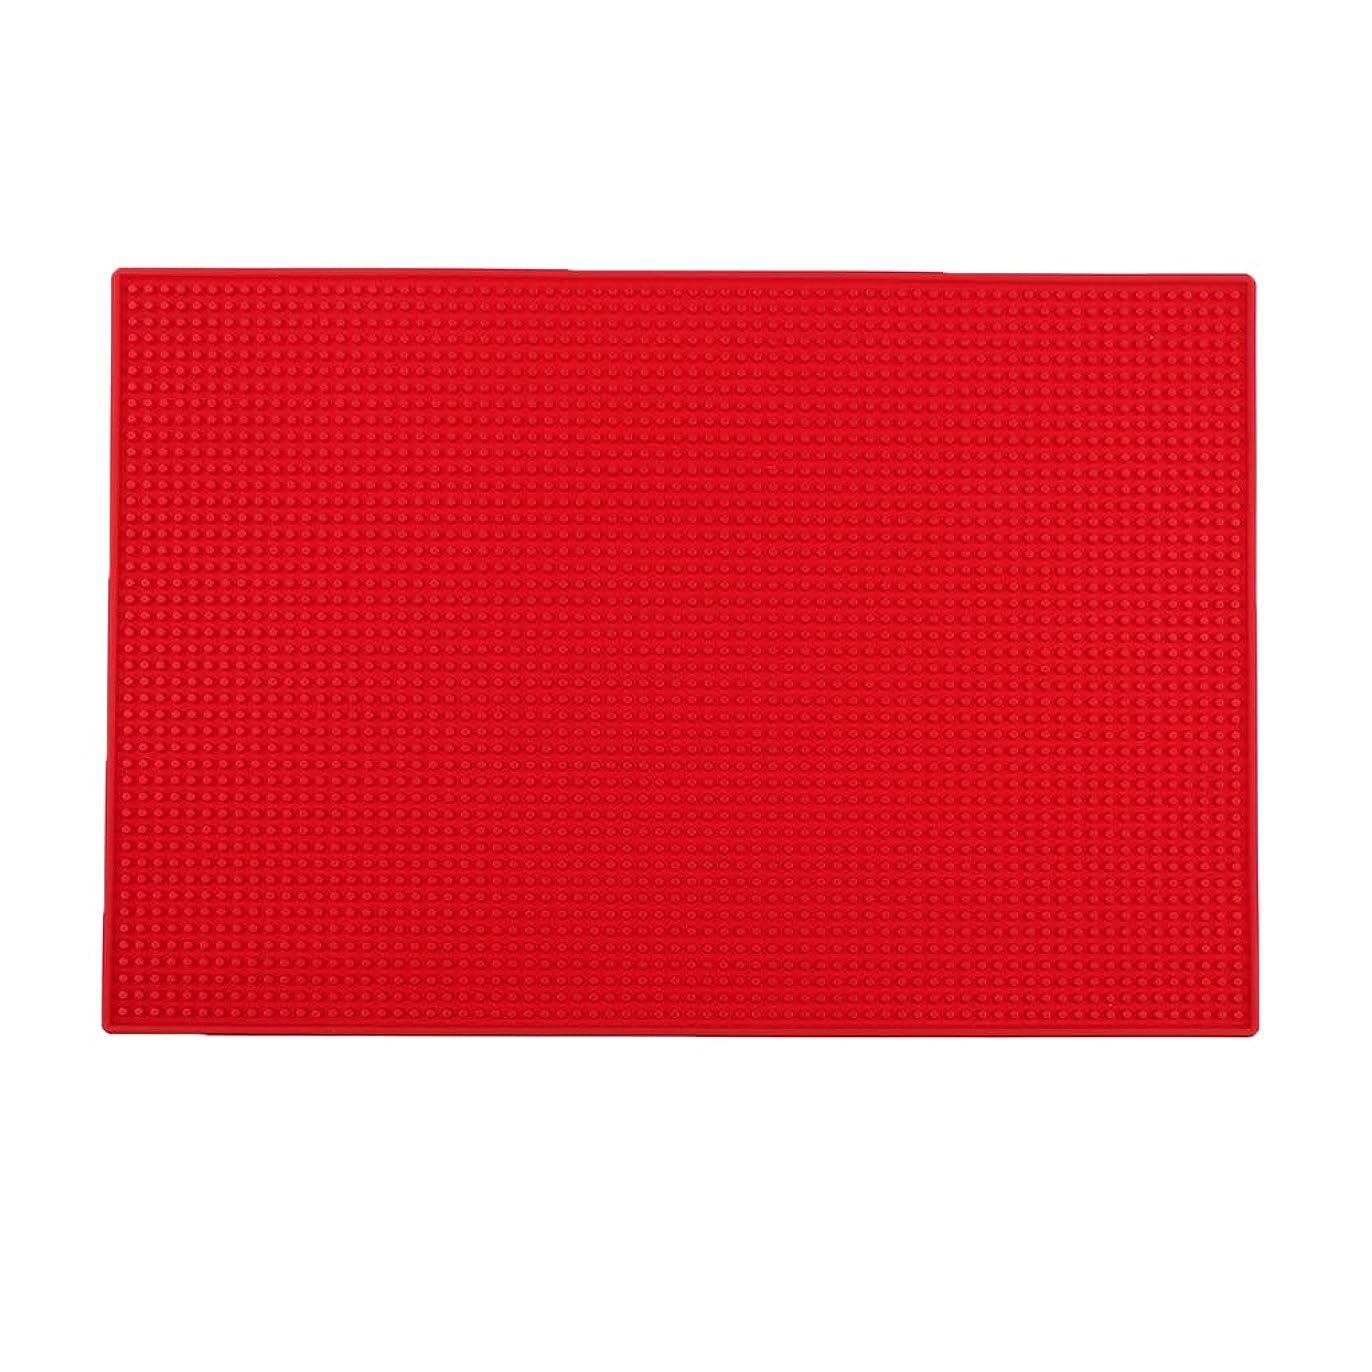 ベジタリアン僕のマンハッタンB Blesiya クッション シリコンマット ネイルアートツール 全3色 - 赤